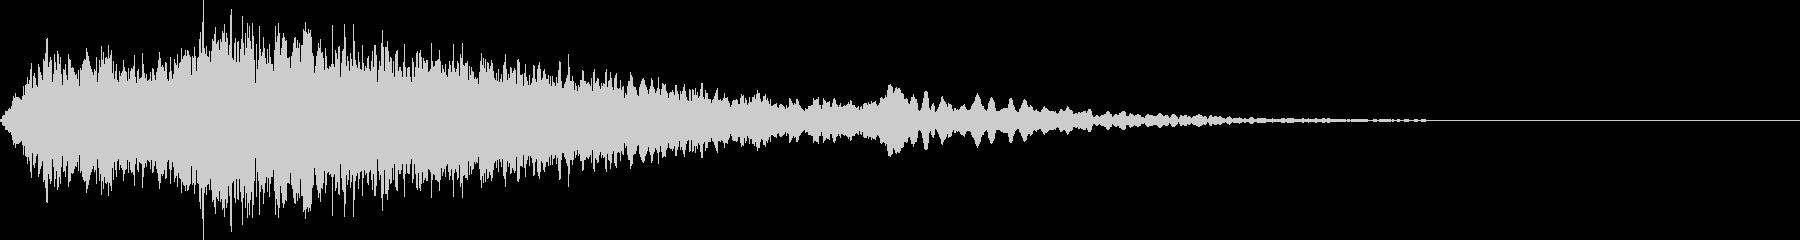 アトモスフィア FX_06 ambiの未再生の波形